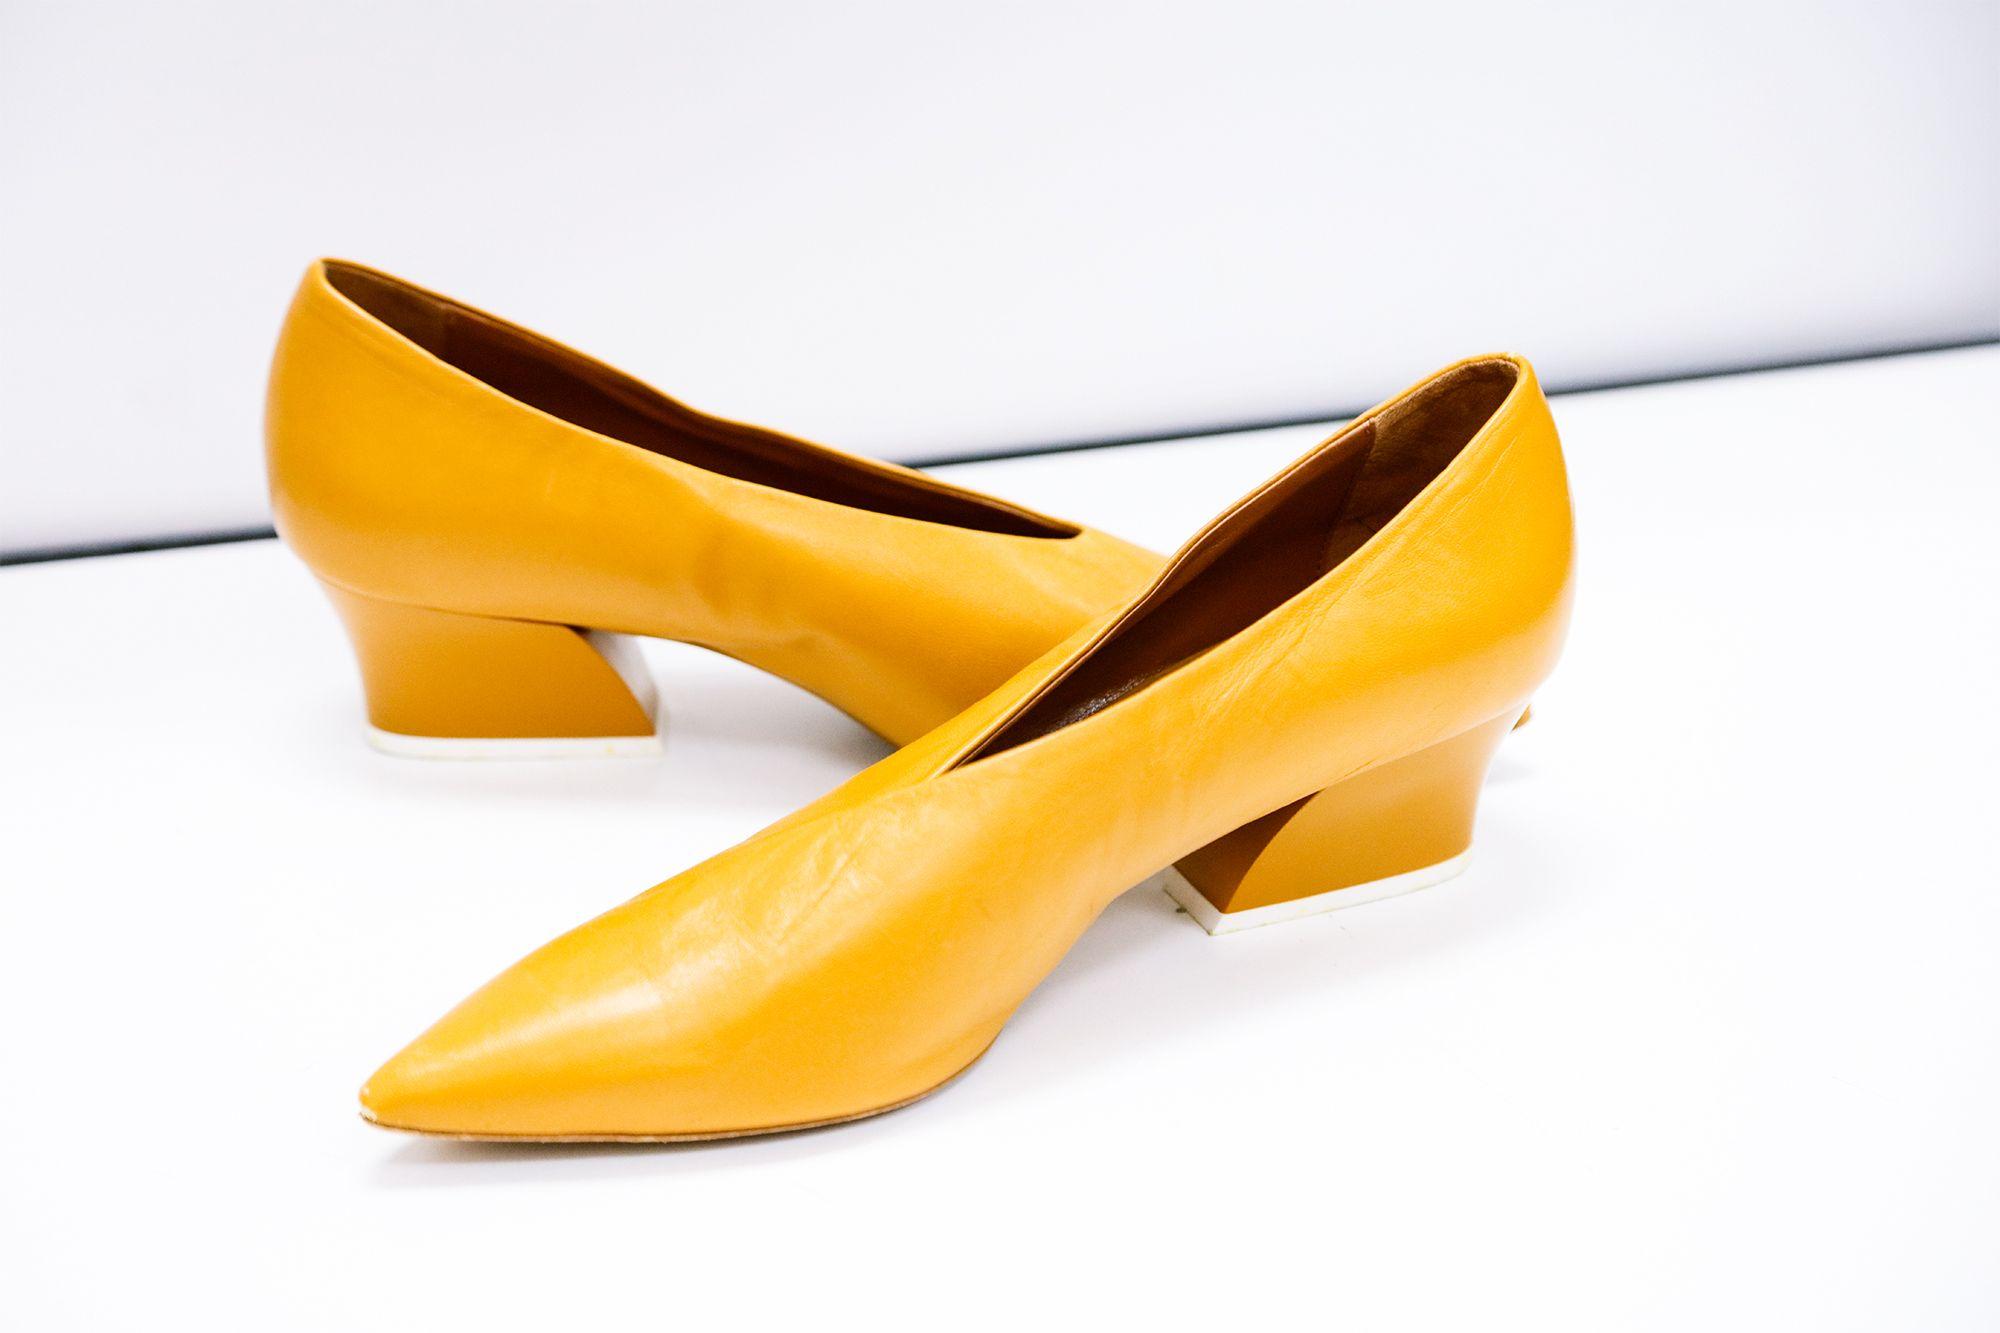 bc075e394ee Zara Mustard Chunky Heel Closed toe Shoe (Size 9)  S62500179